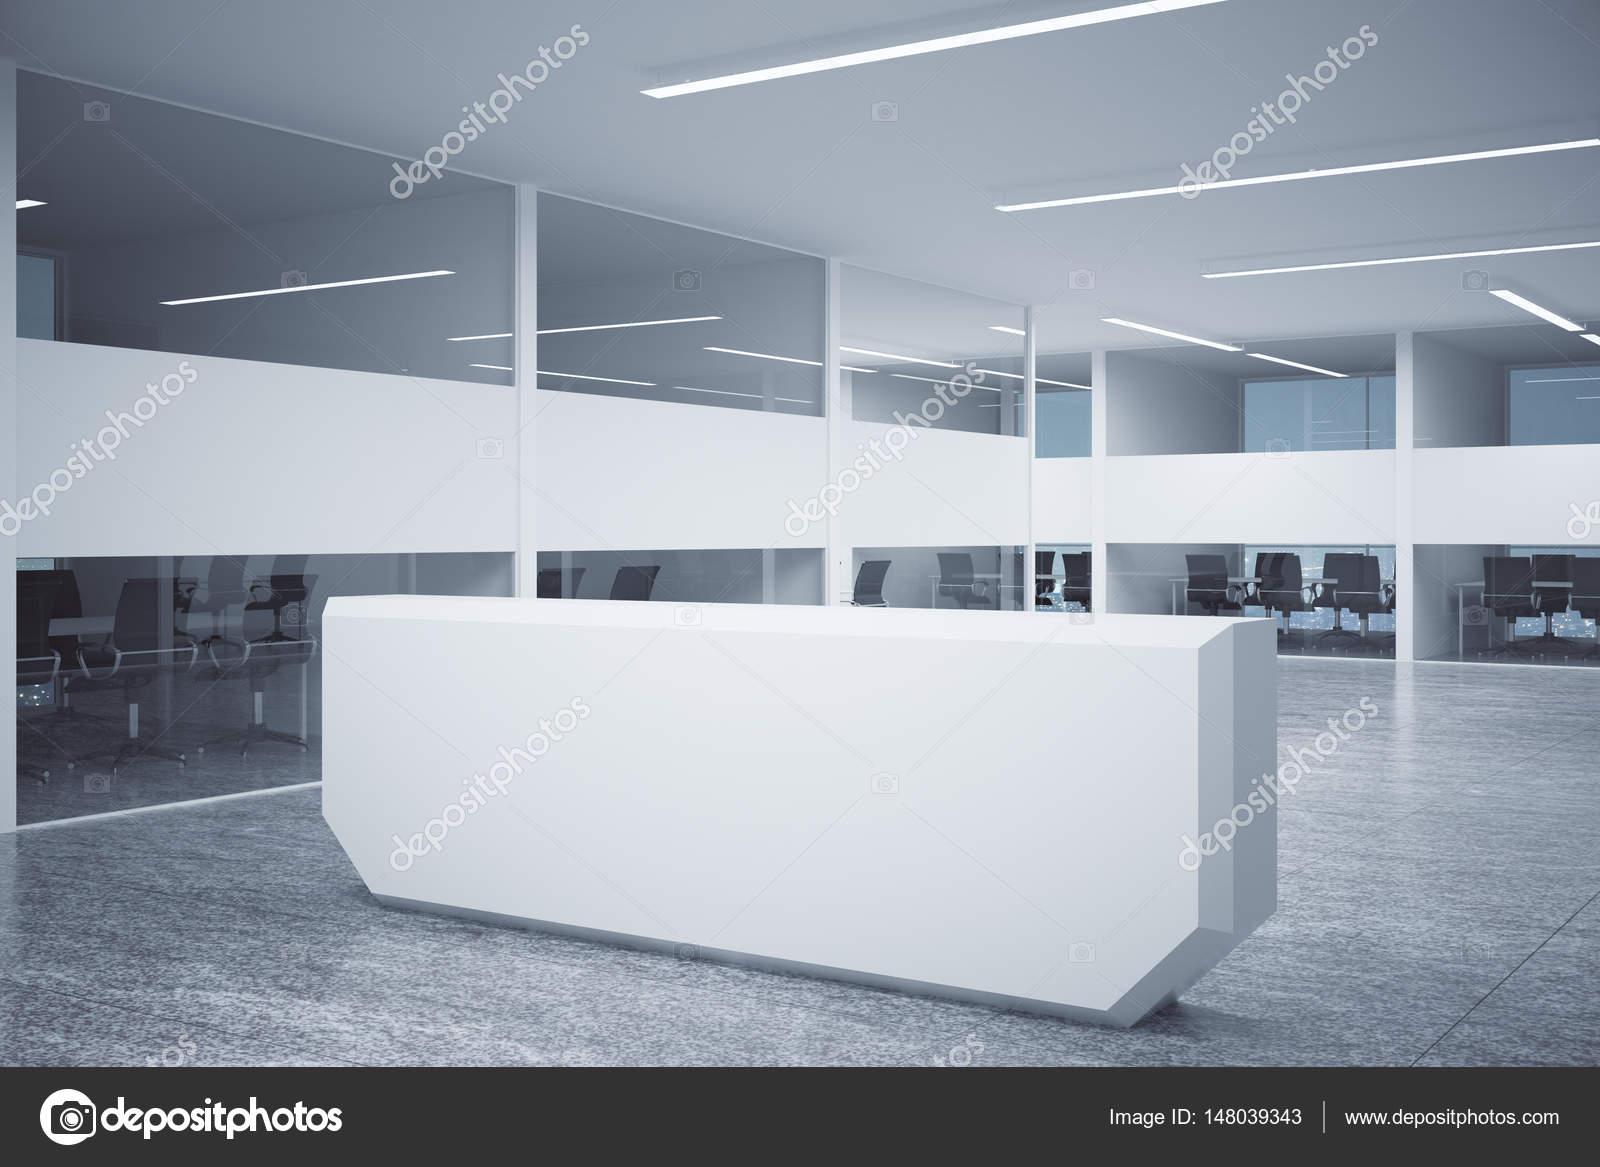 Bancone Per Ufficio : Banco per reception in centro ufficio u foto stock peshkova